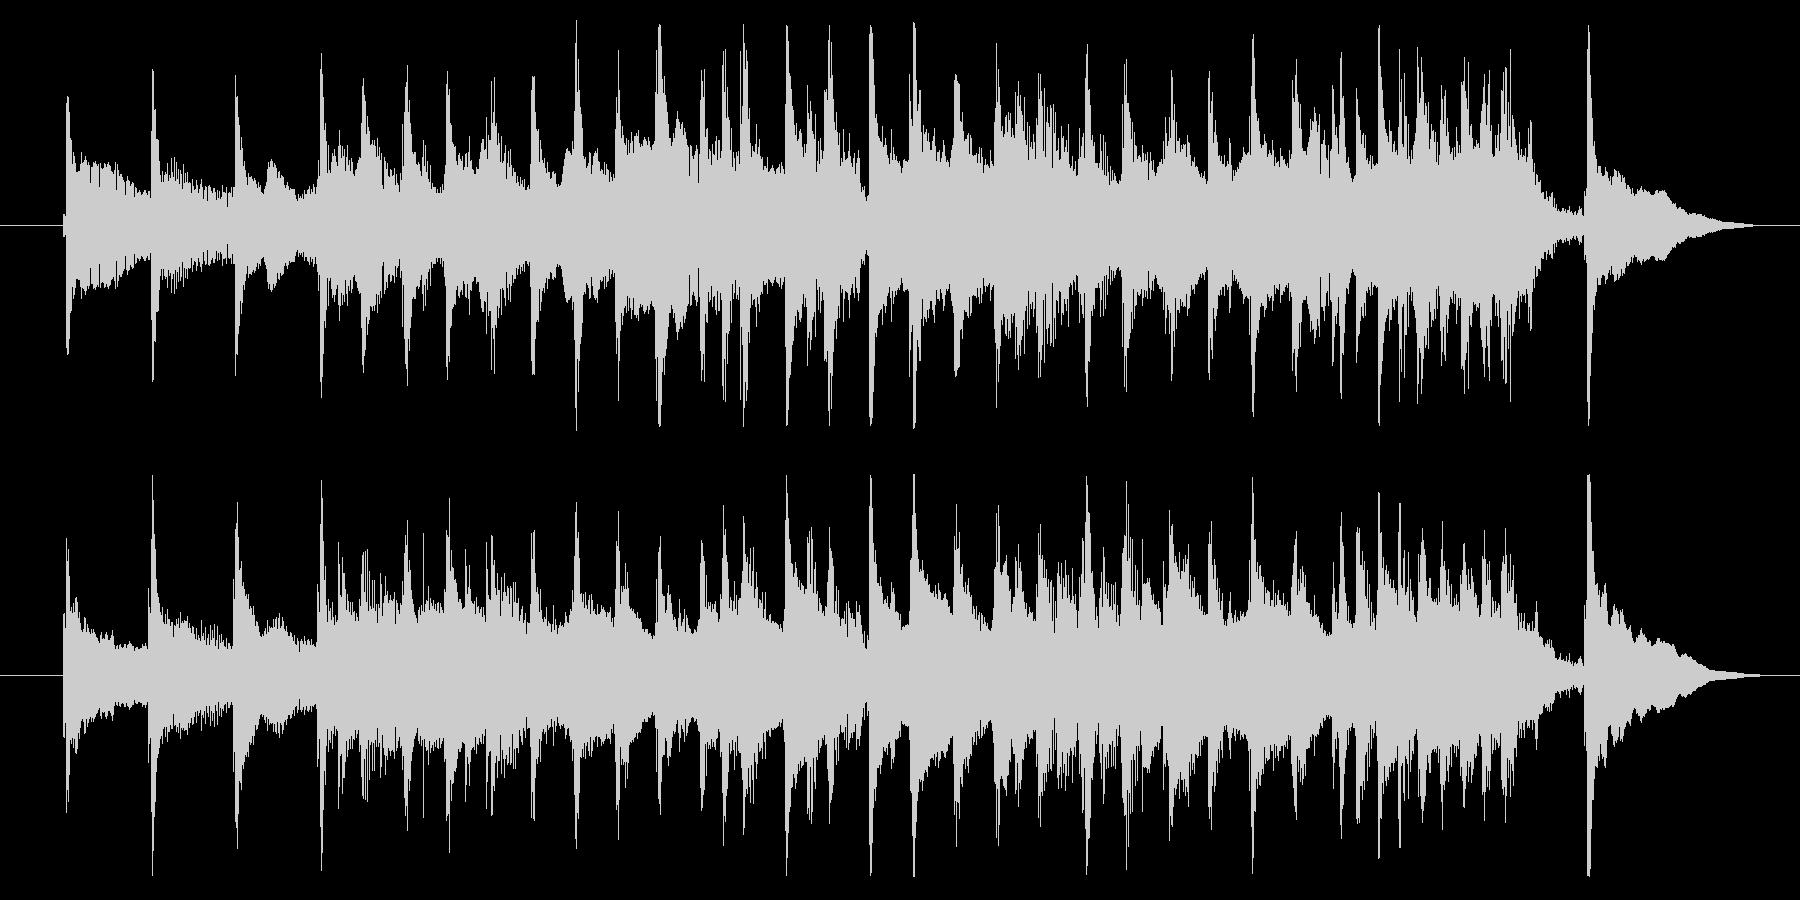 コミカル/どたばた/シンキングタイムの未再生の波形